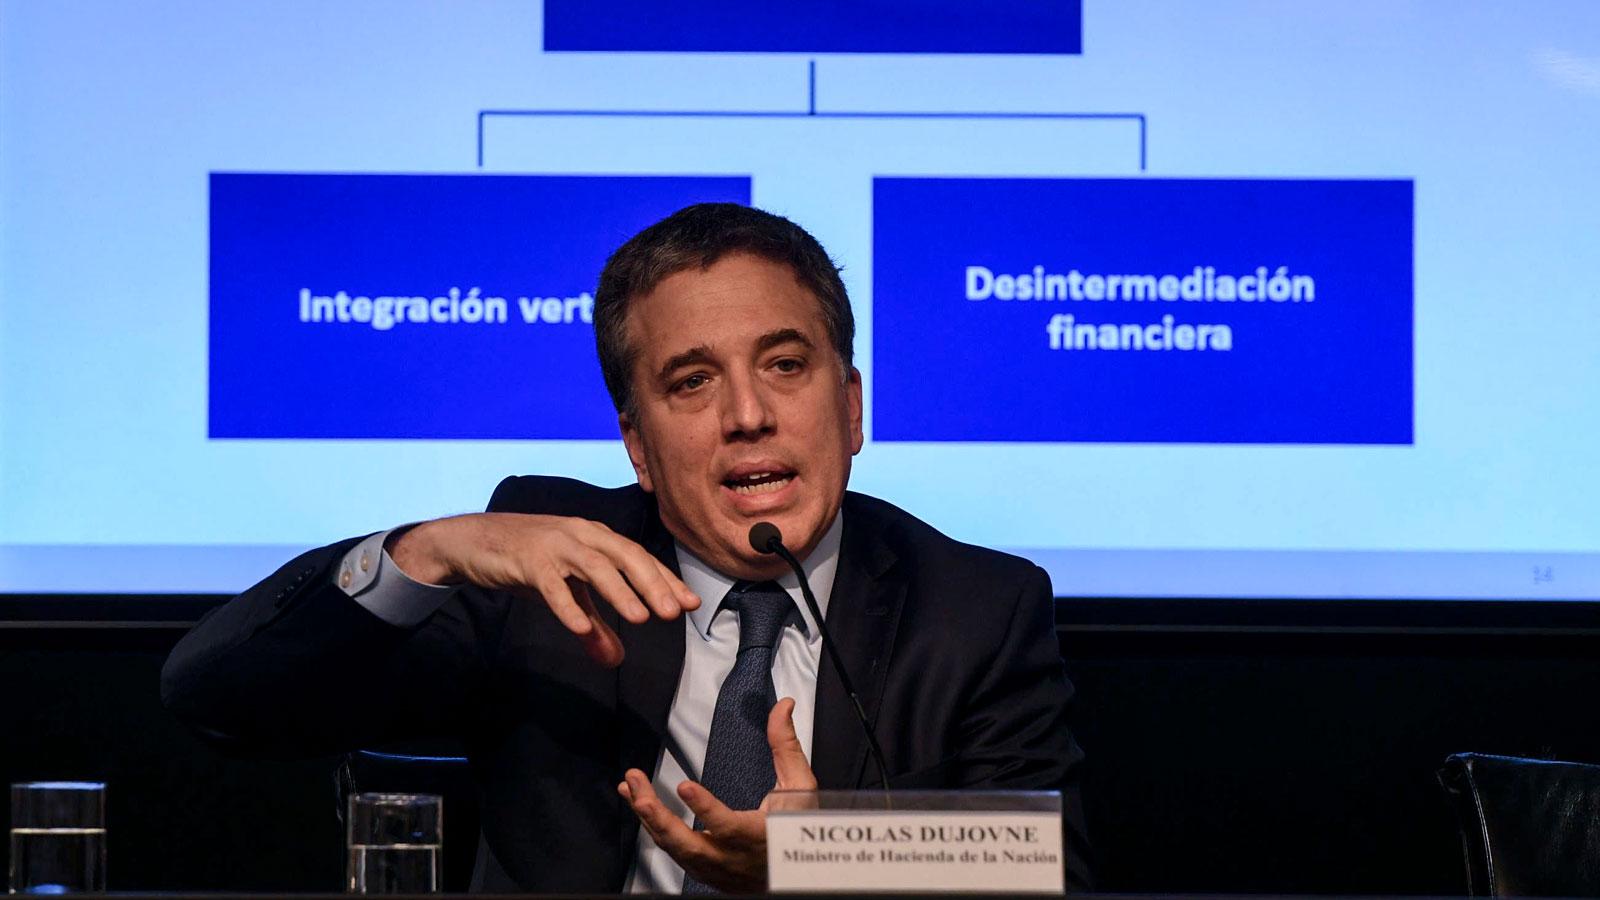 El proyecto de reforma detallado por Dujovnellegaráal Congreso en los próximos días